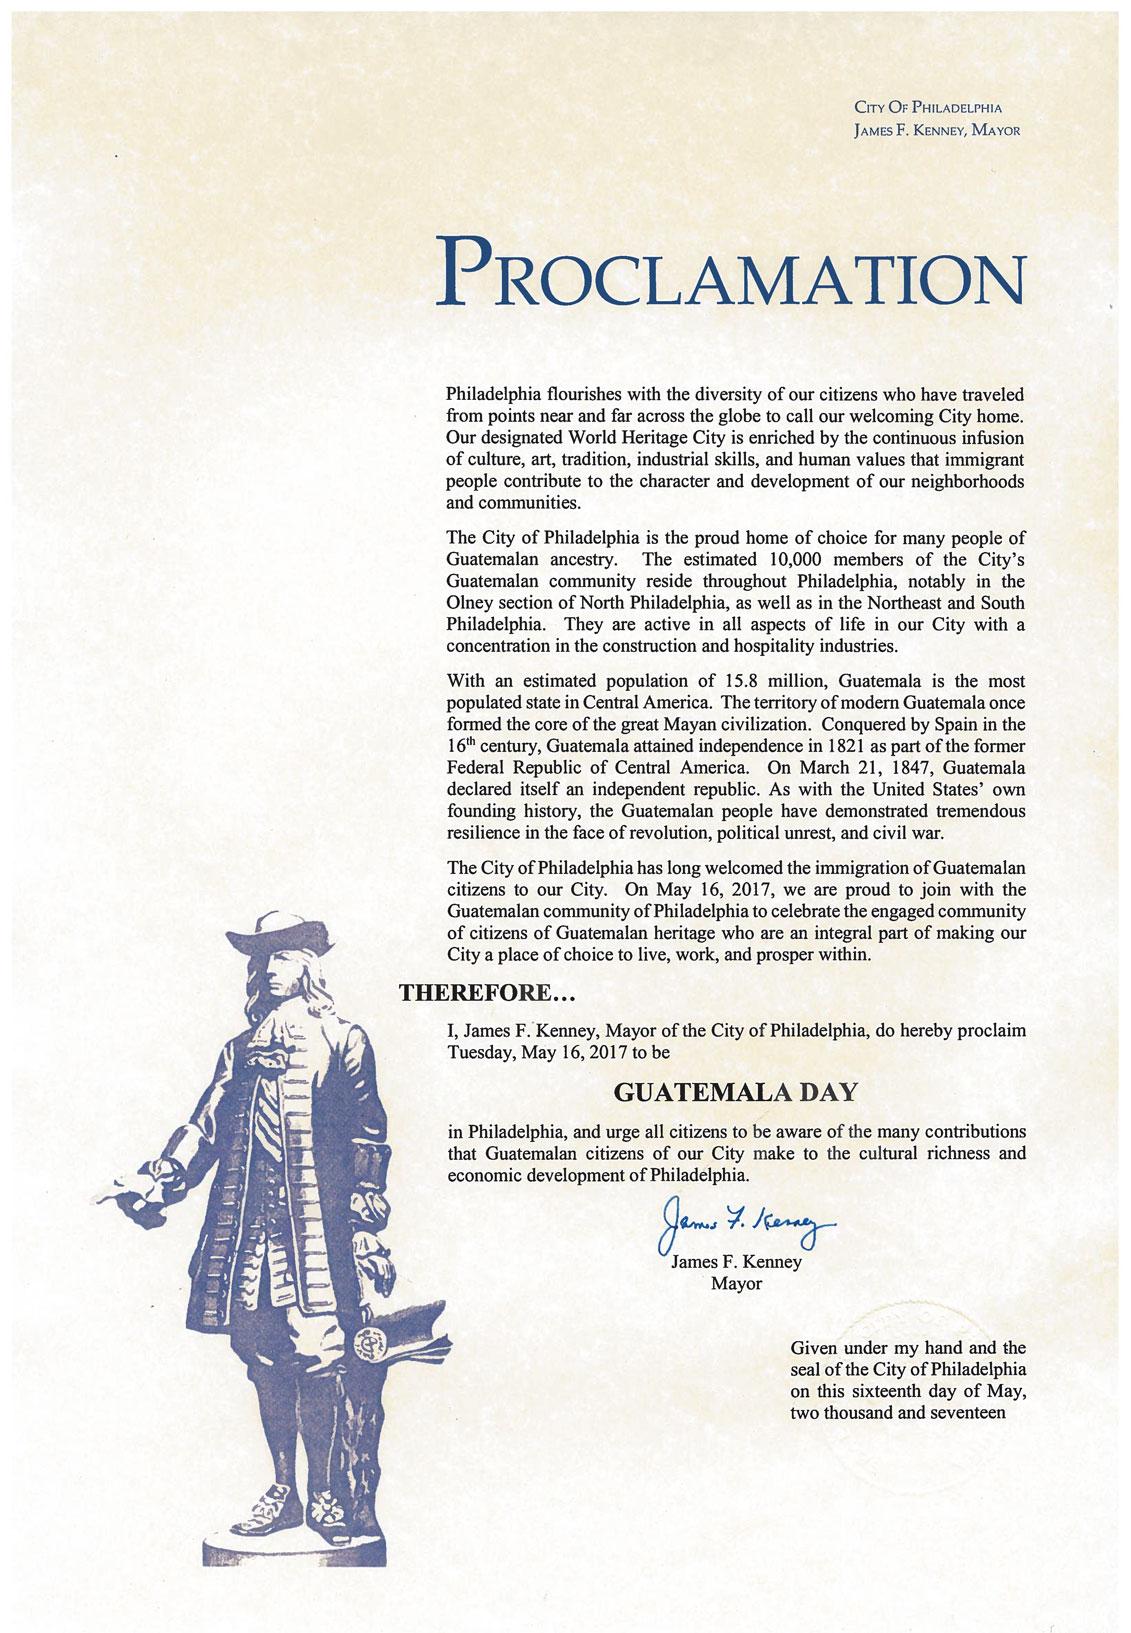 Facsímil de la proclama del Día de Guatemala en Filadelfia.